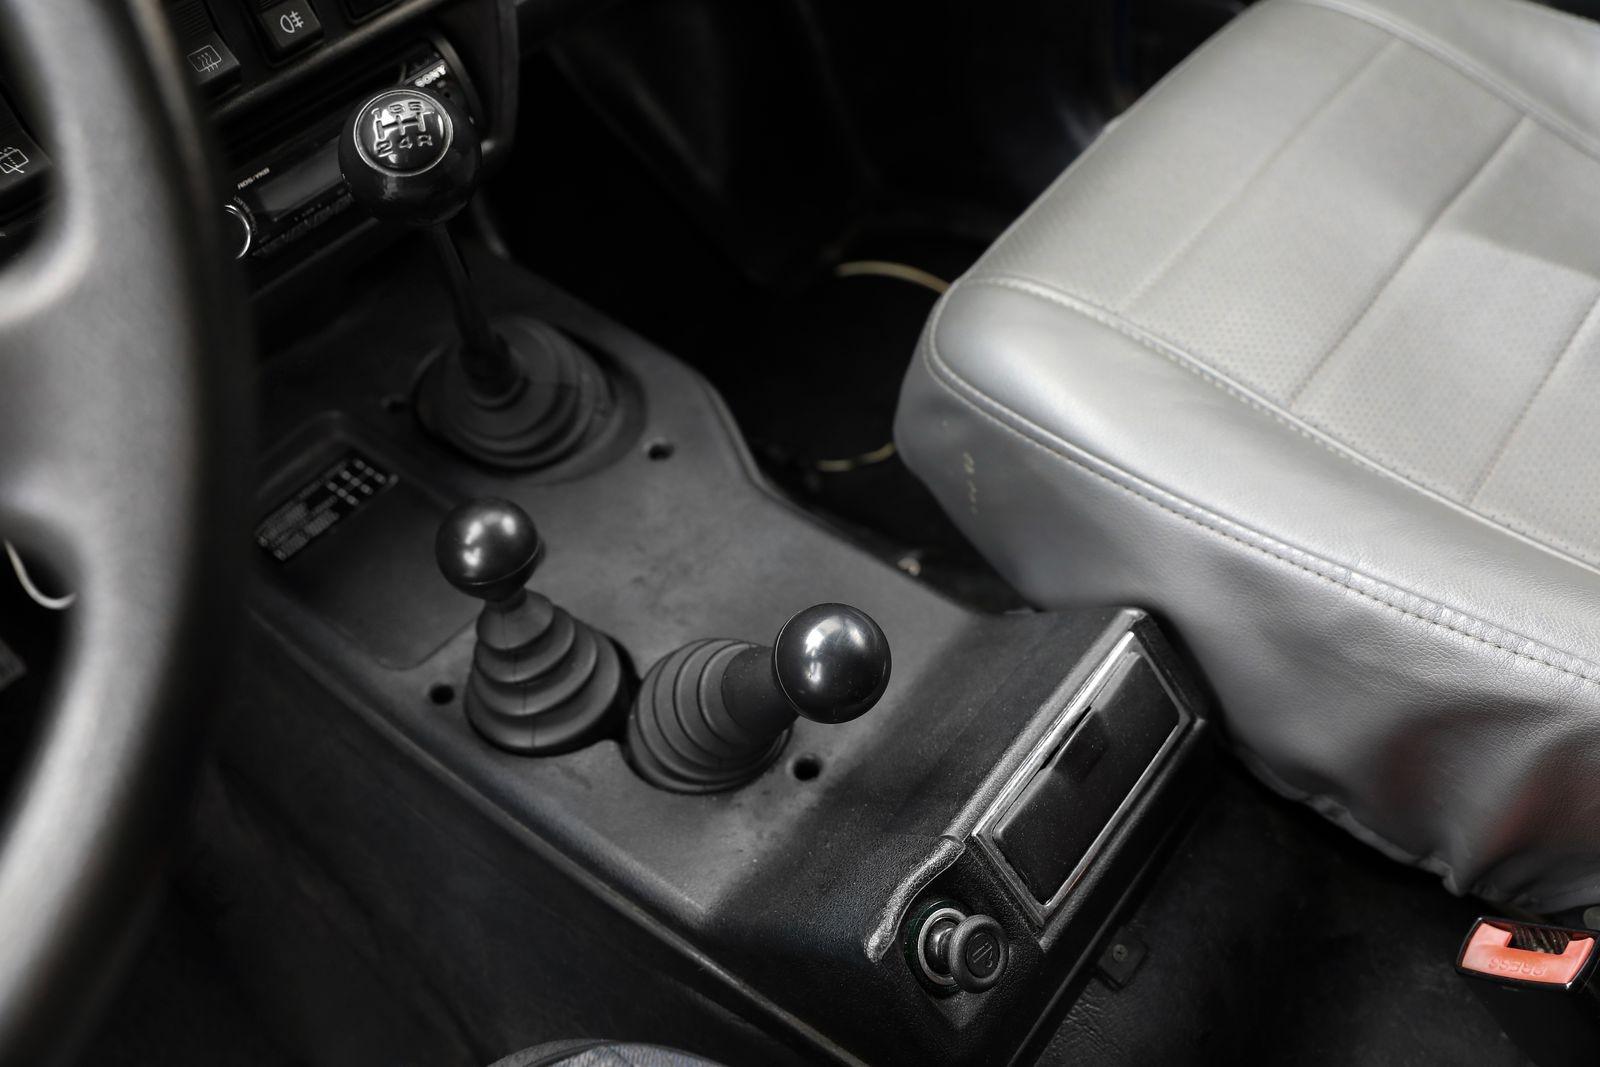 Кунг из чудо-пластика, ГУР и сидение-скамейка: опыт владения пикапом ВАЗ-2329 Нива